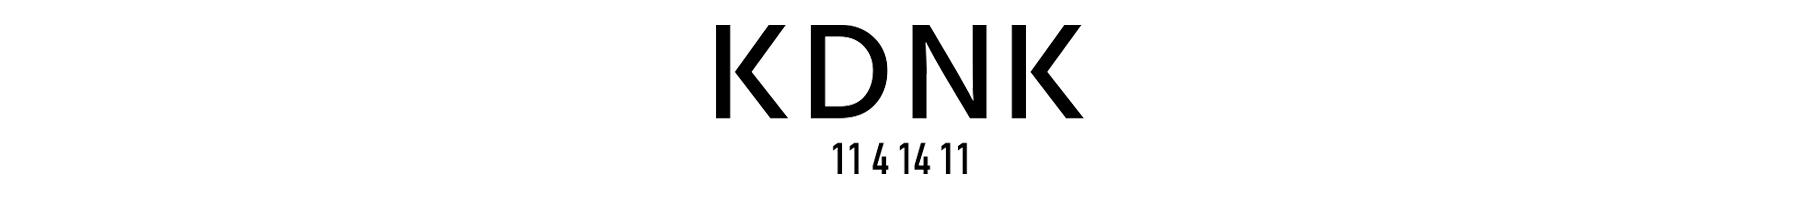 DrJays.com - KDNK